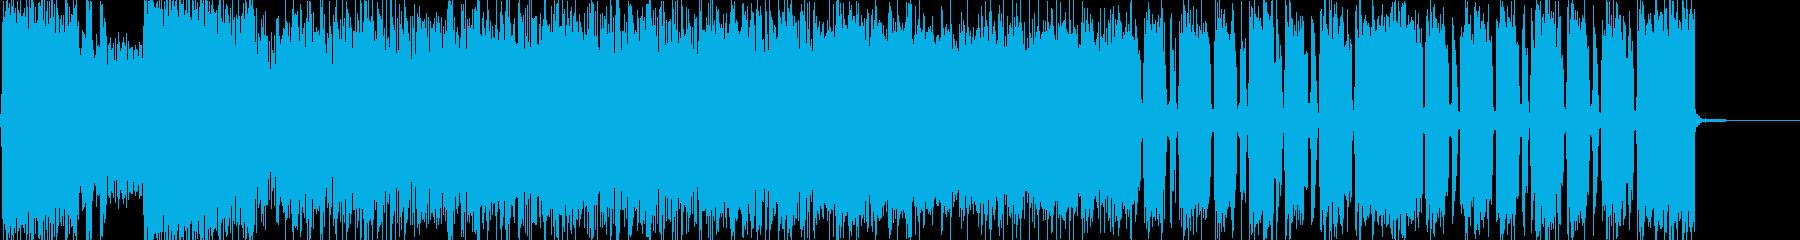 生演奏 激ロック/メタル怒り憤り興奮の再生済みの波形